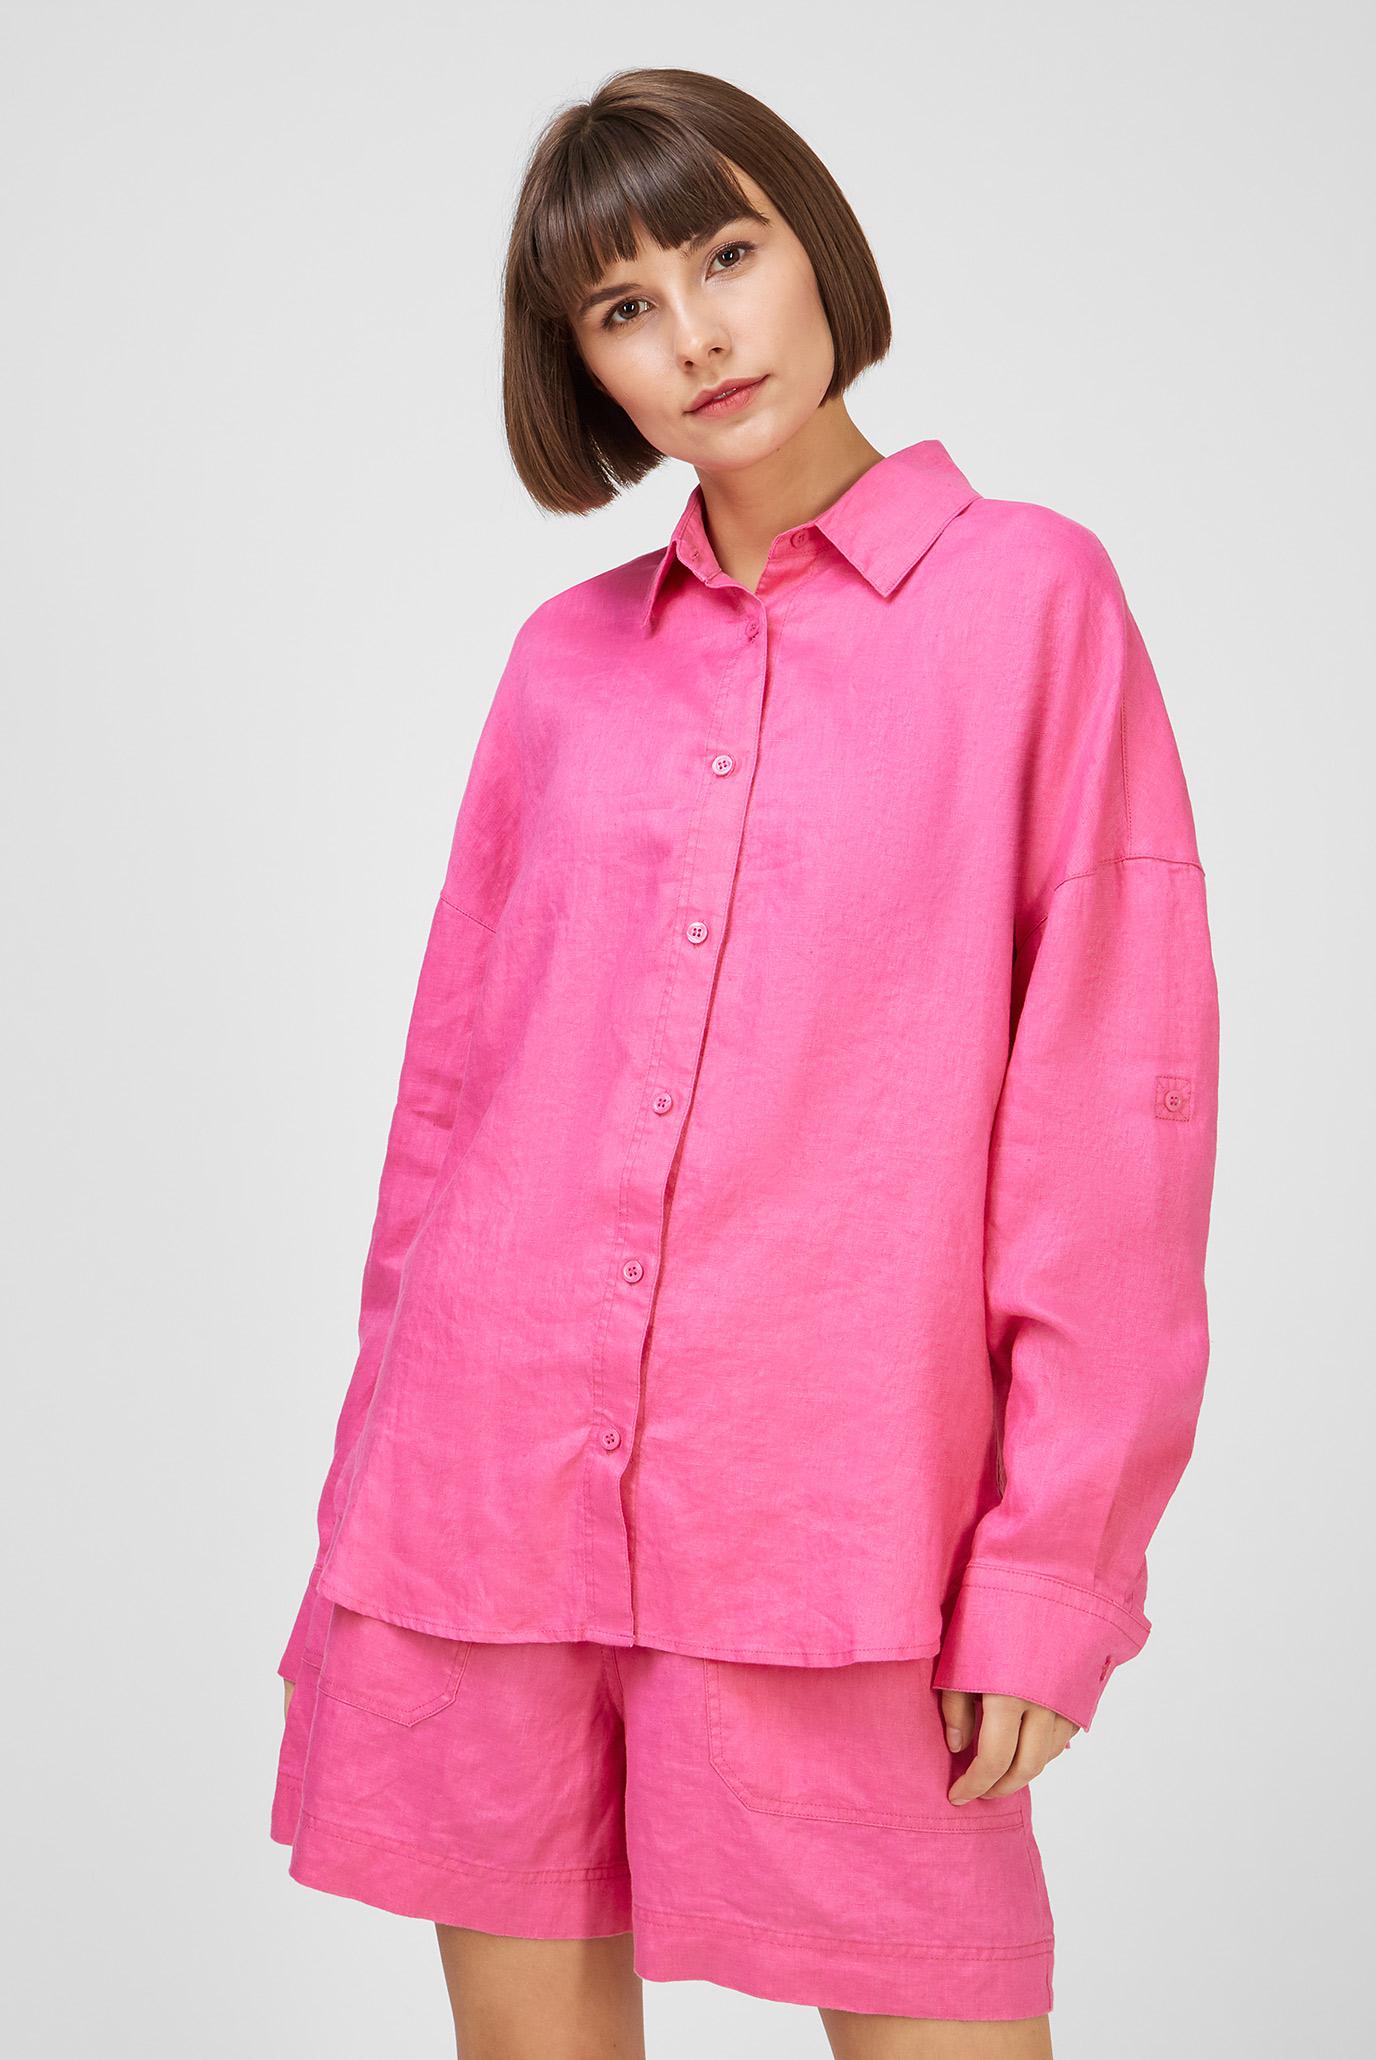 Женская розовая льняная рубашка 1